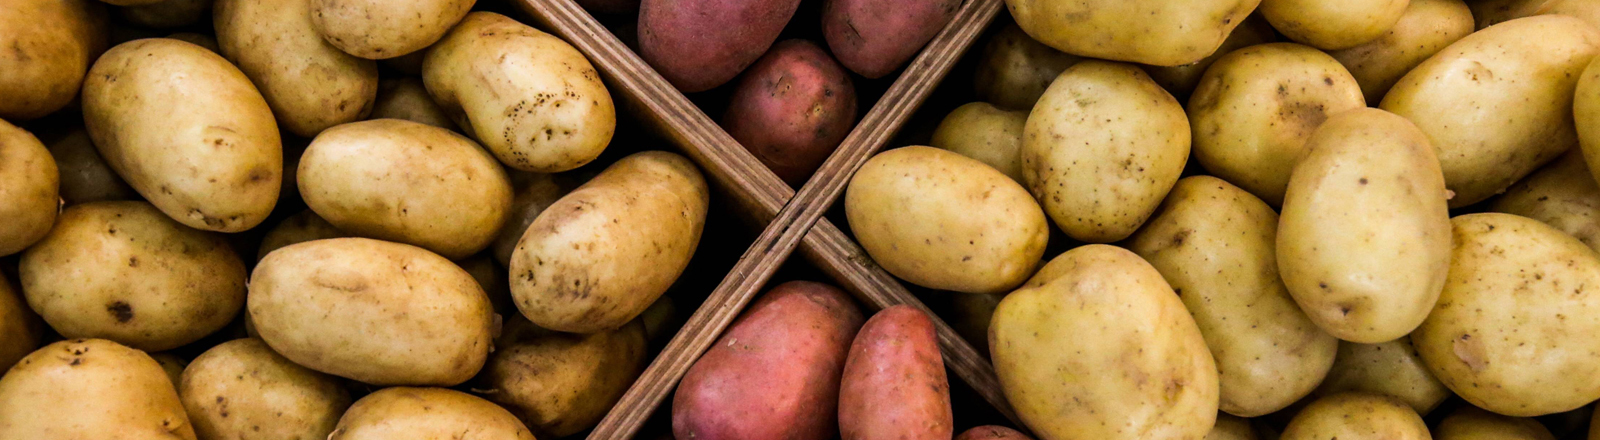 Zwei verschiedene Sorten Kartoffeln. Hell und rötlich.